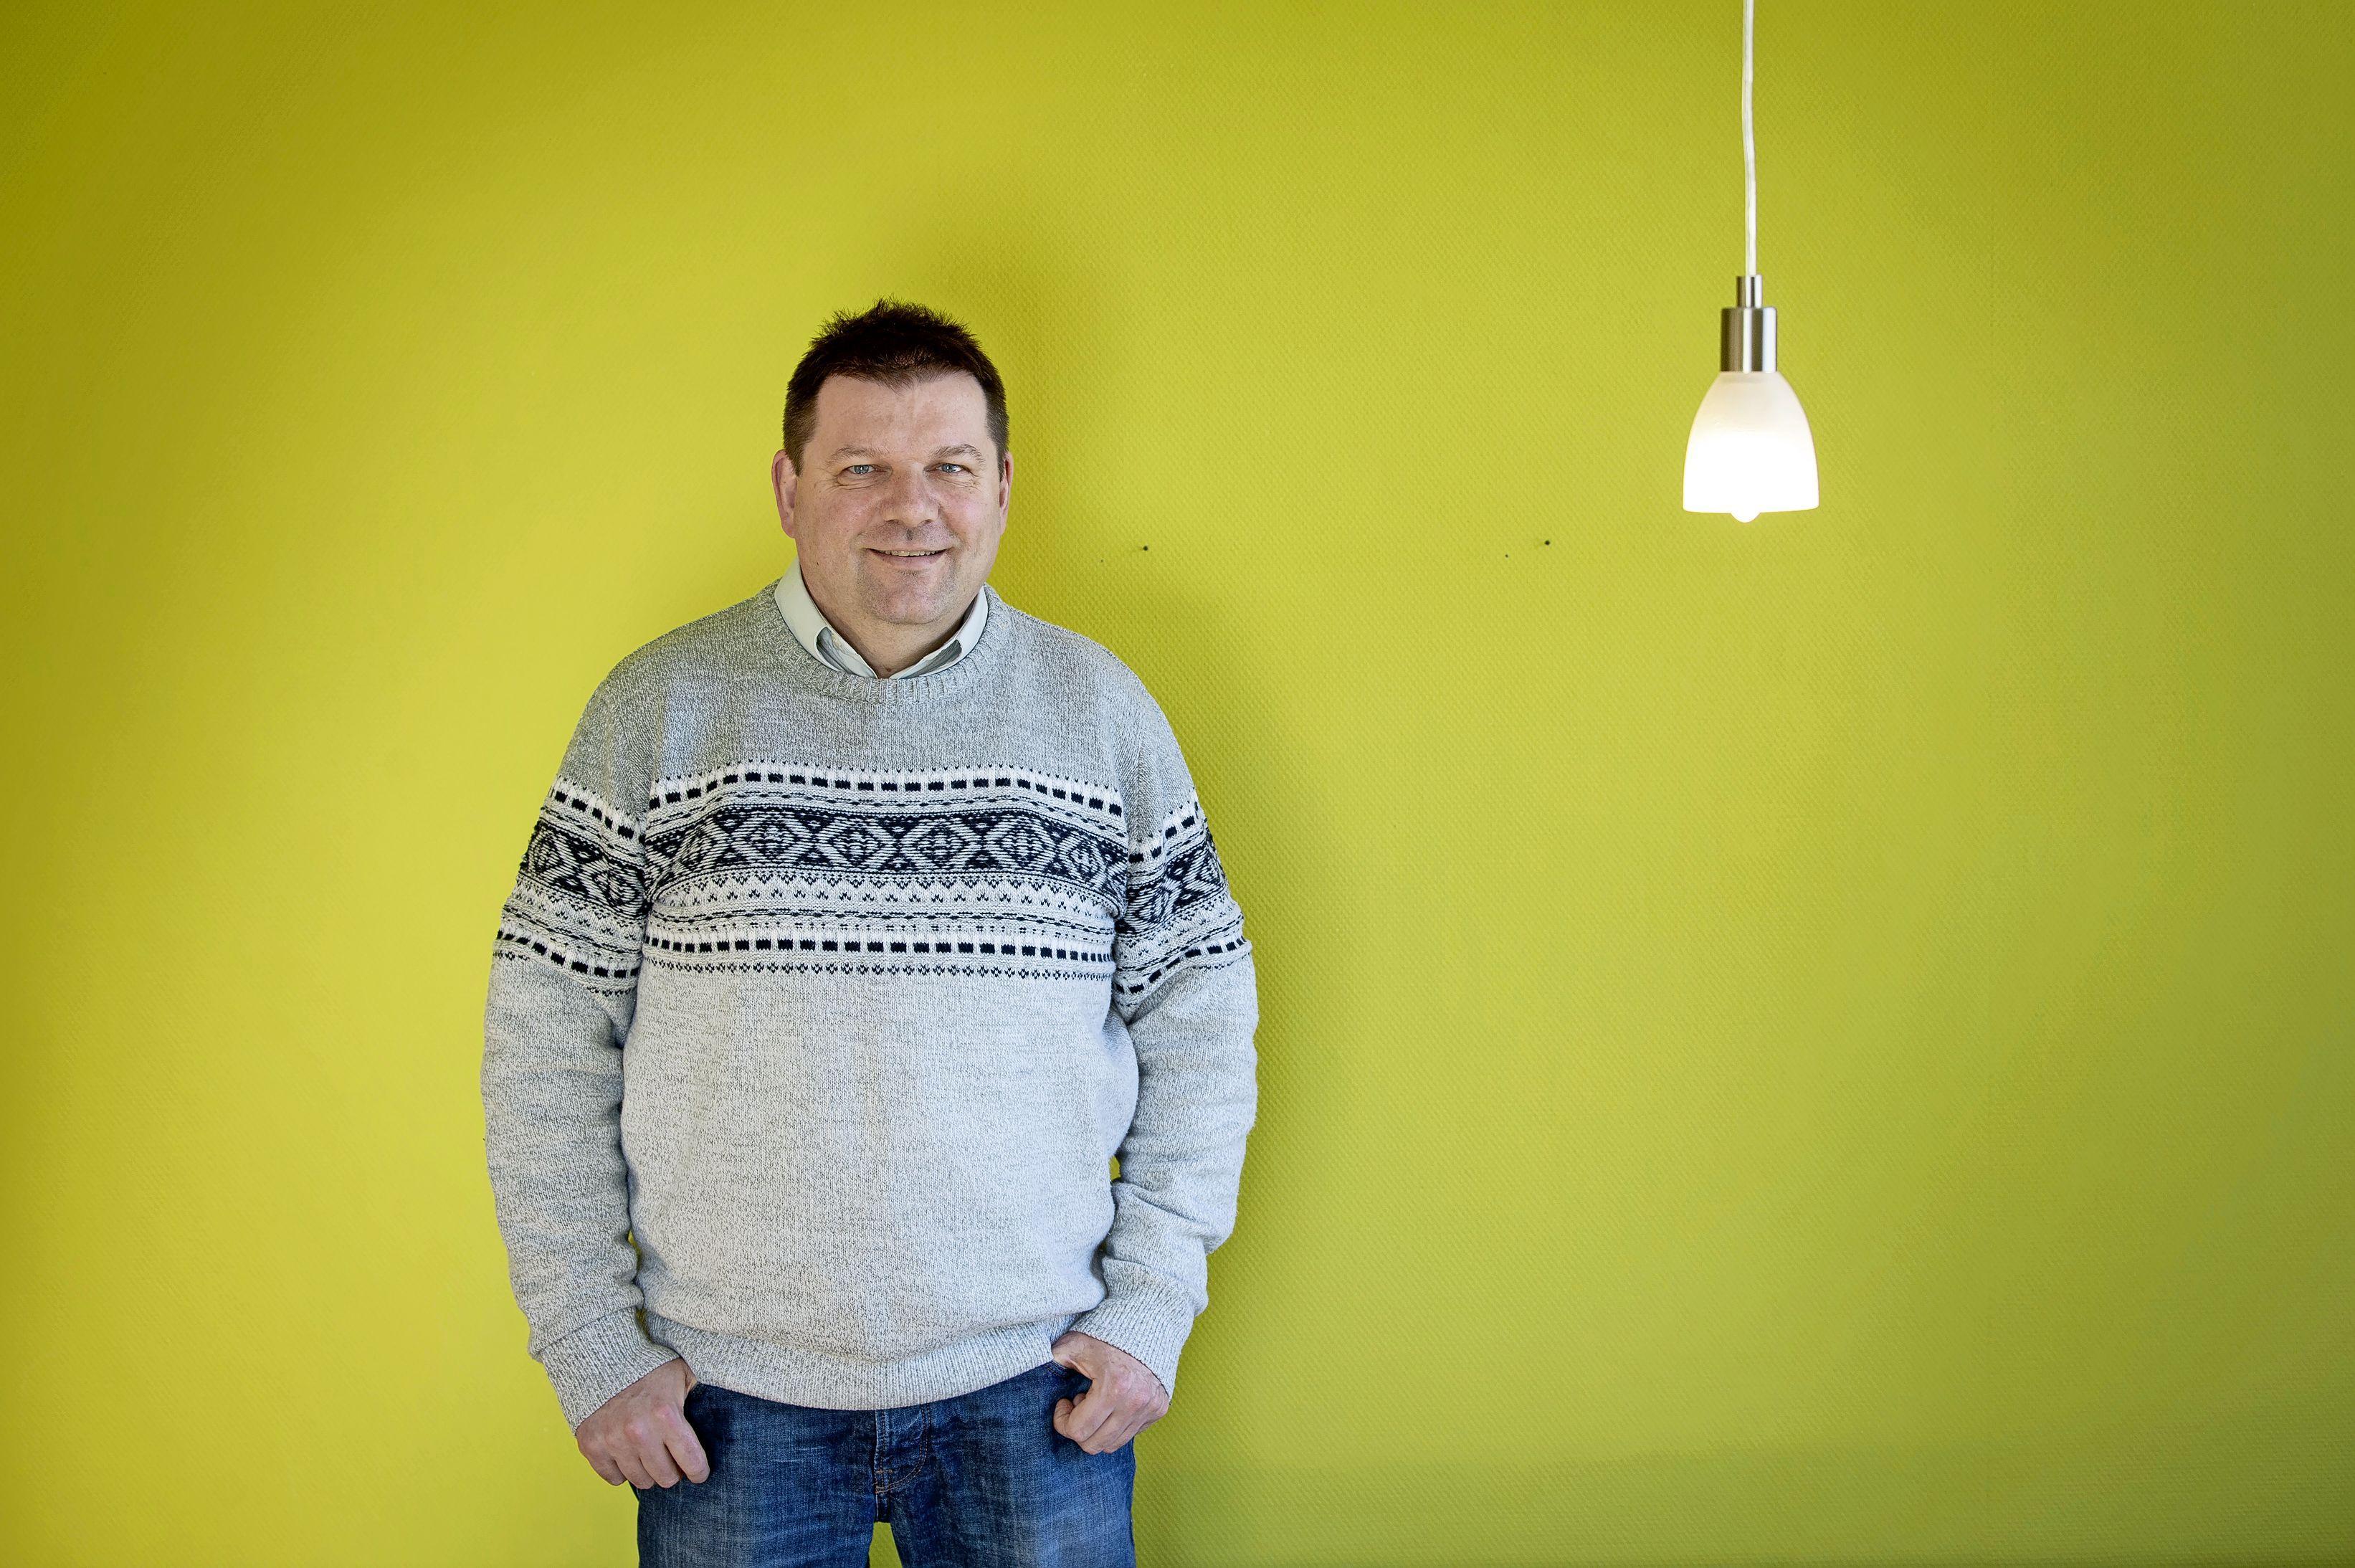 Roeland Paardekooper begon twintig jaar geleden EXARC en emigreert over een maand naar Denemarken: 'Wel zo handig dat ik Deens spreek'